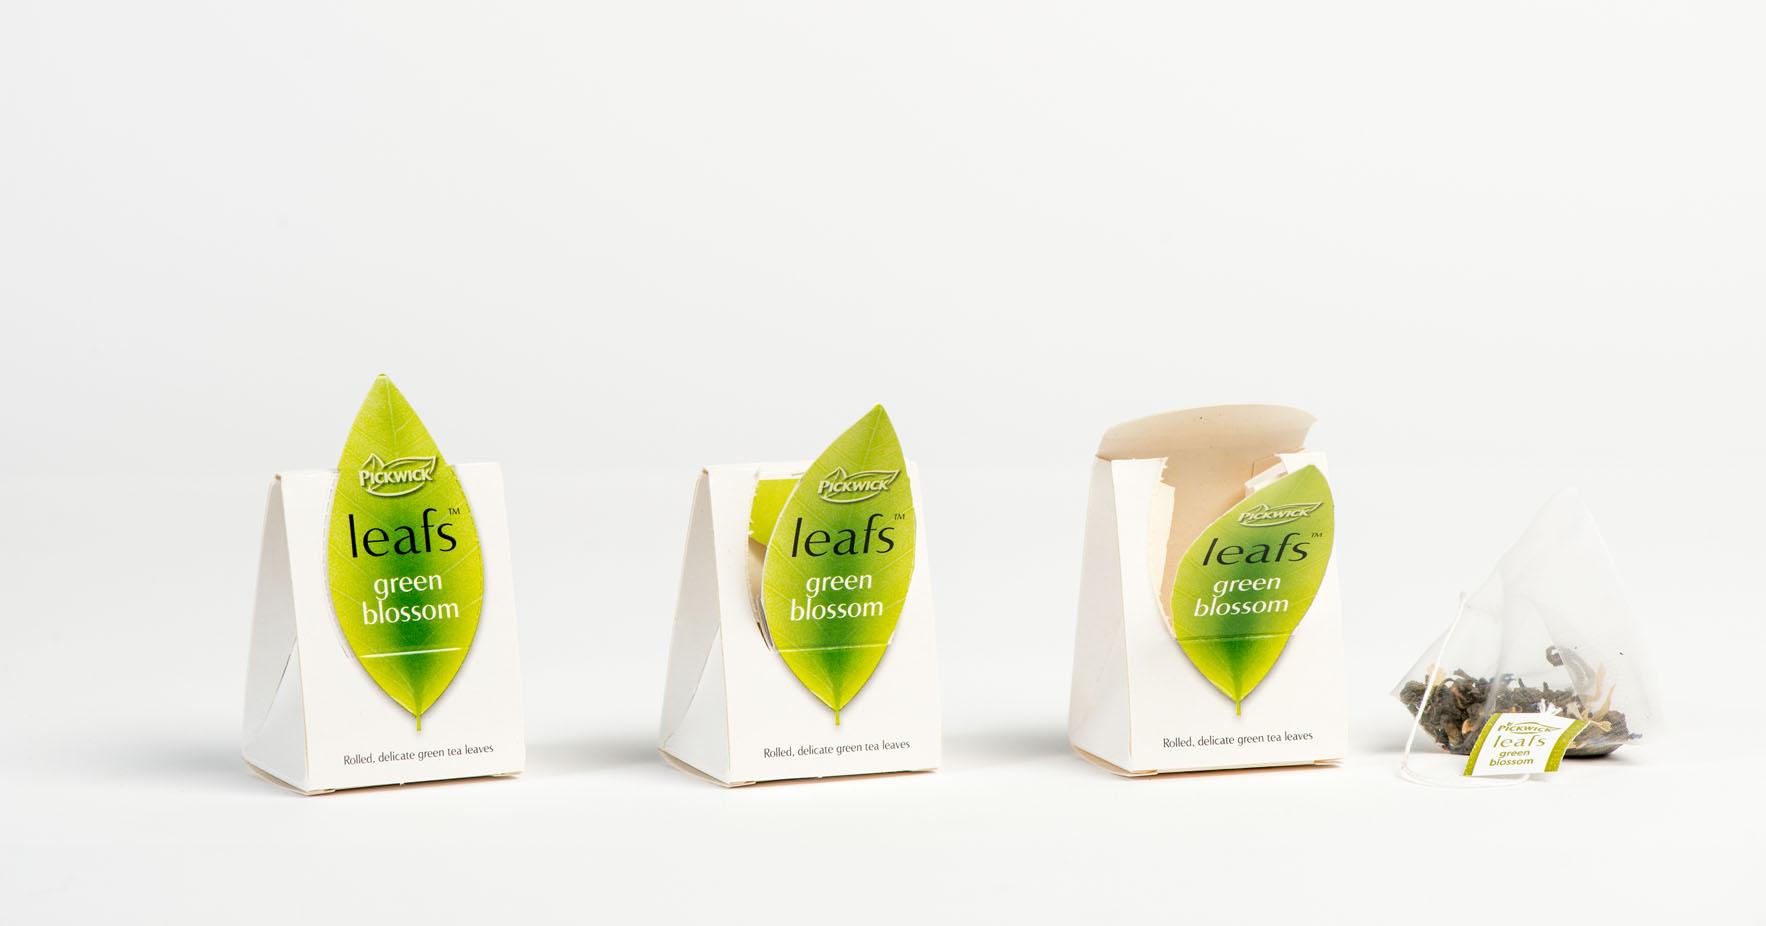 ritueel-openen-verpakking-thee-leafs-pickwick